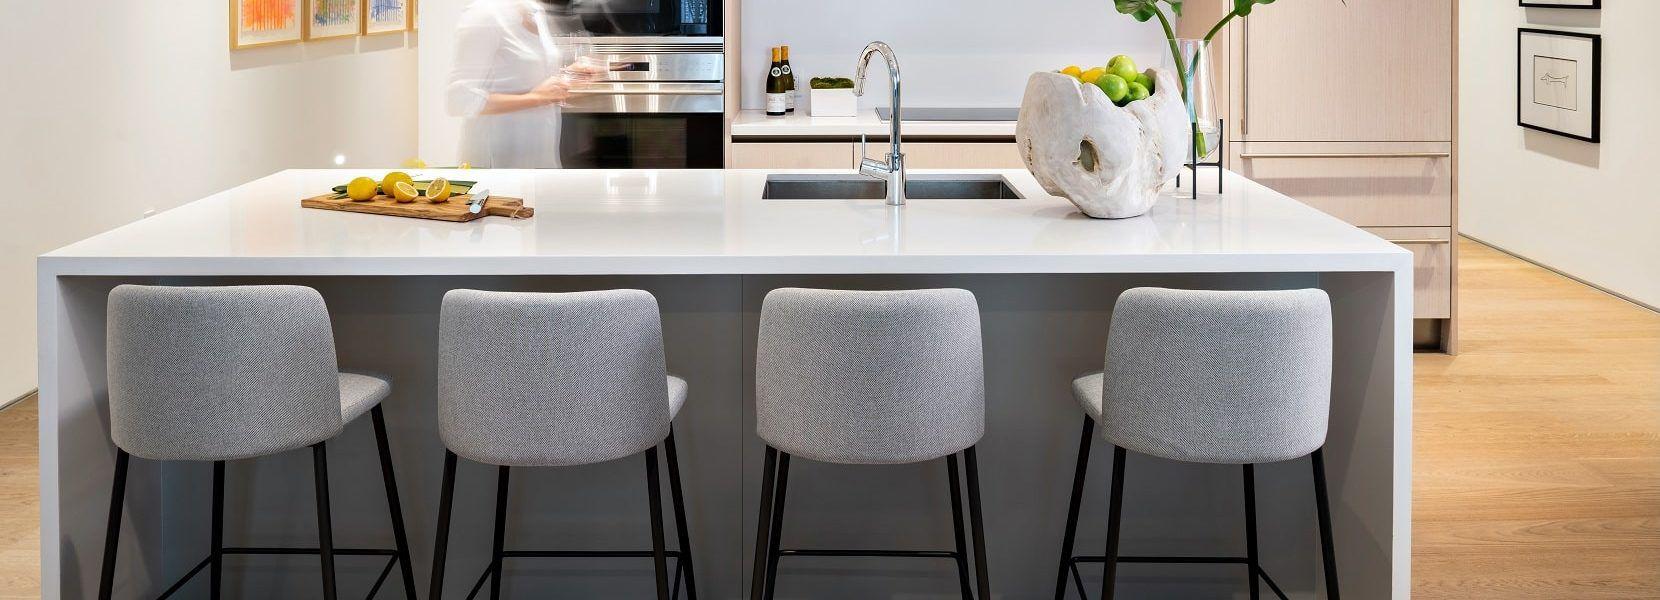 RM Living Cincinnati Modern Interior Design Furniture By Camerich